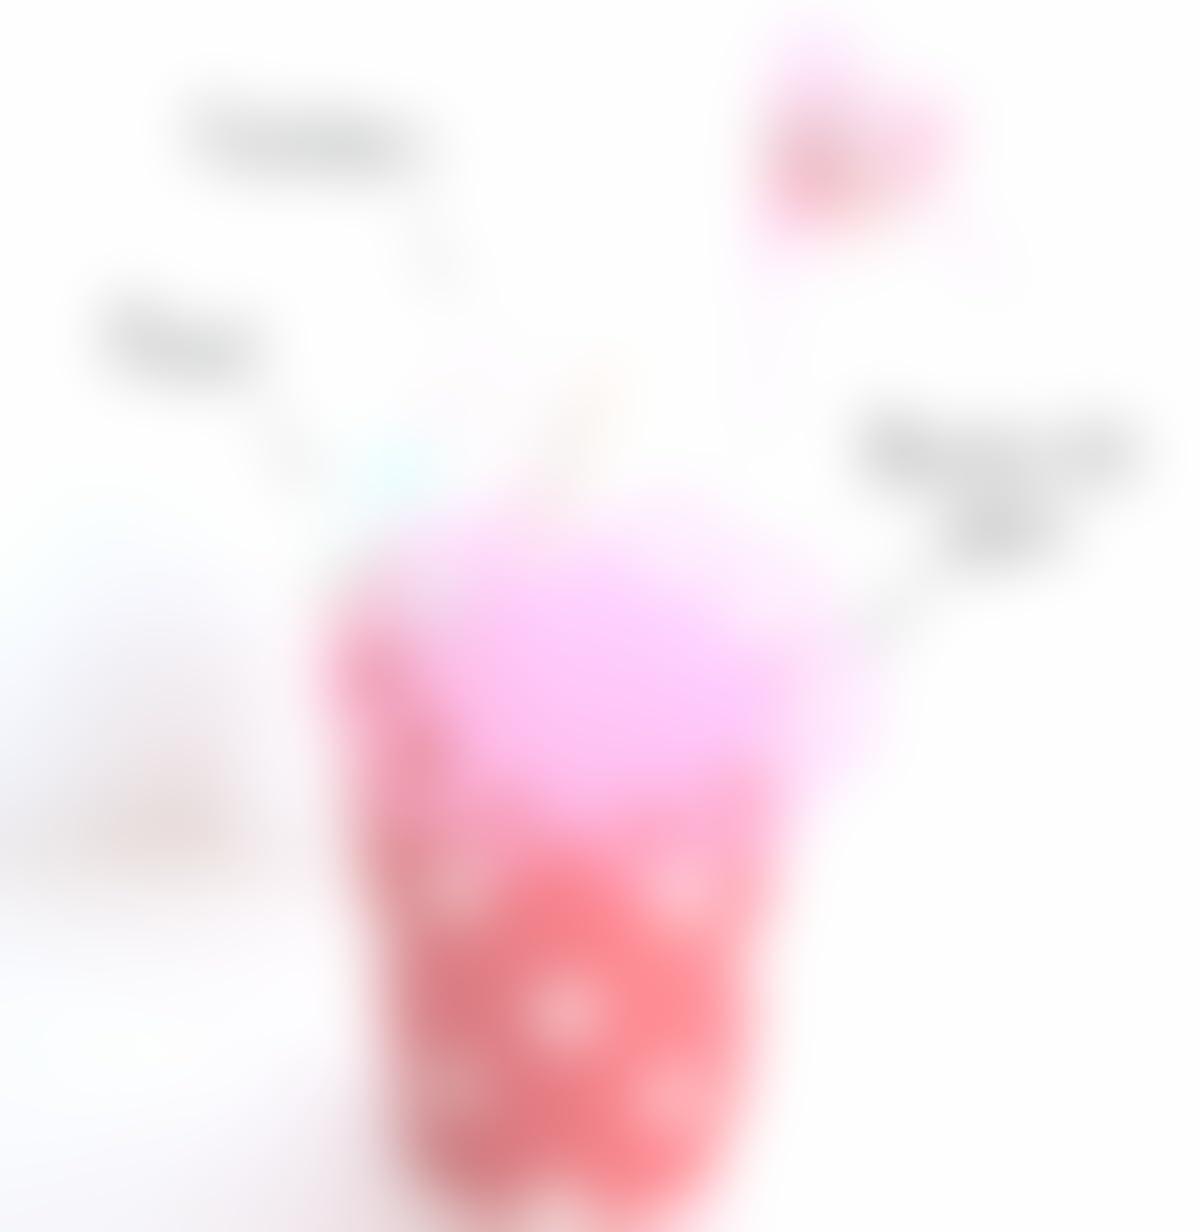 Milkshake para Bebé (=Calcetines + 1 Pañal DODOT) con Bolsita KRAFT | Baby Shower Gift Idea | Recuerdo para Bautizo | Disponible Versión para Niñas, ...